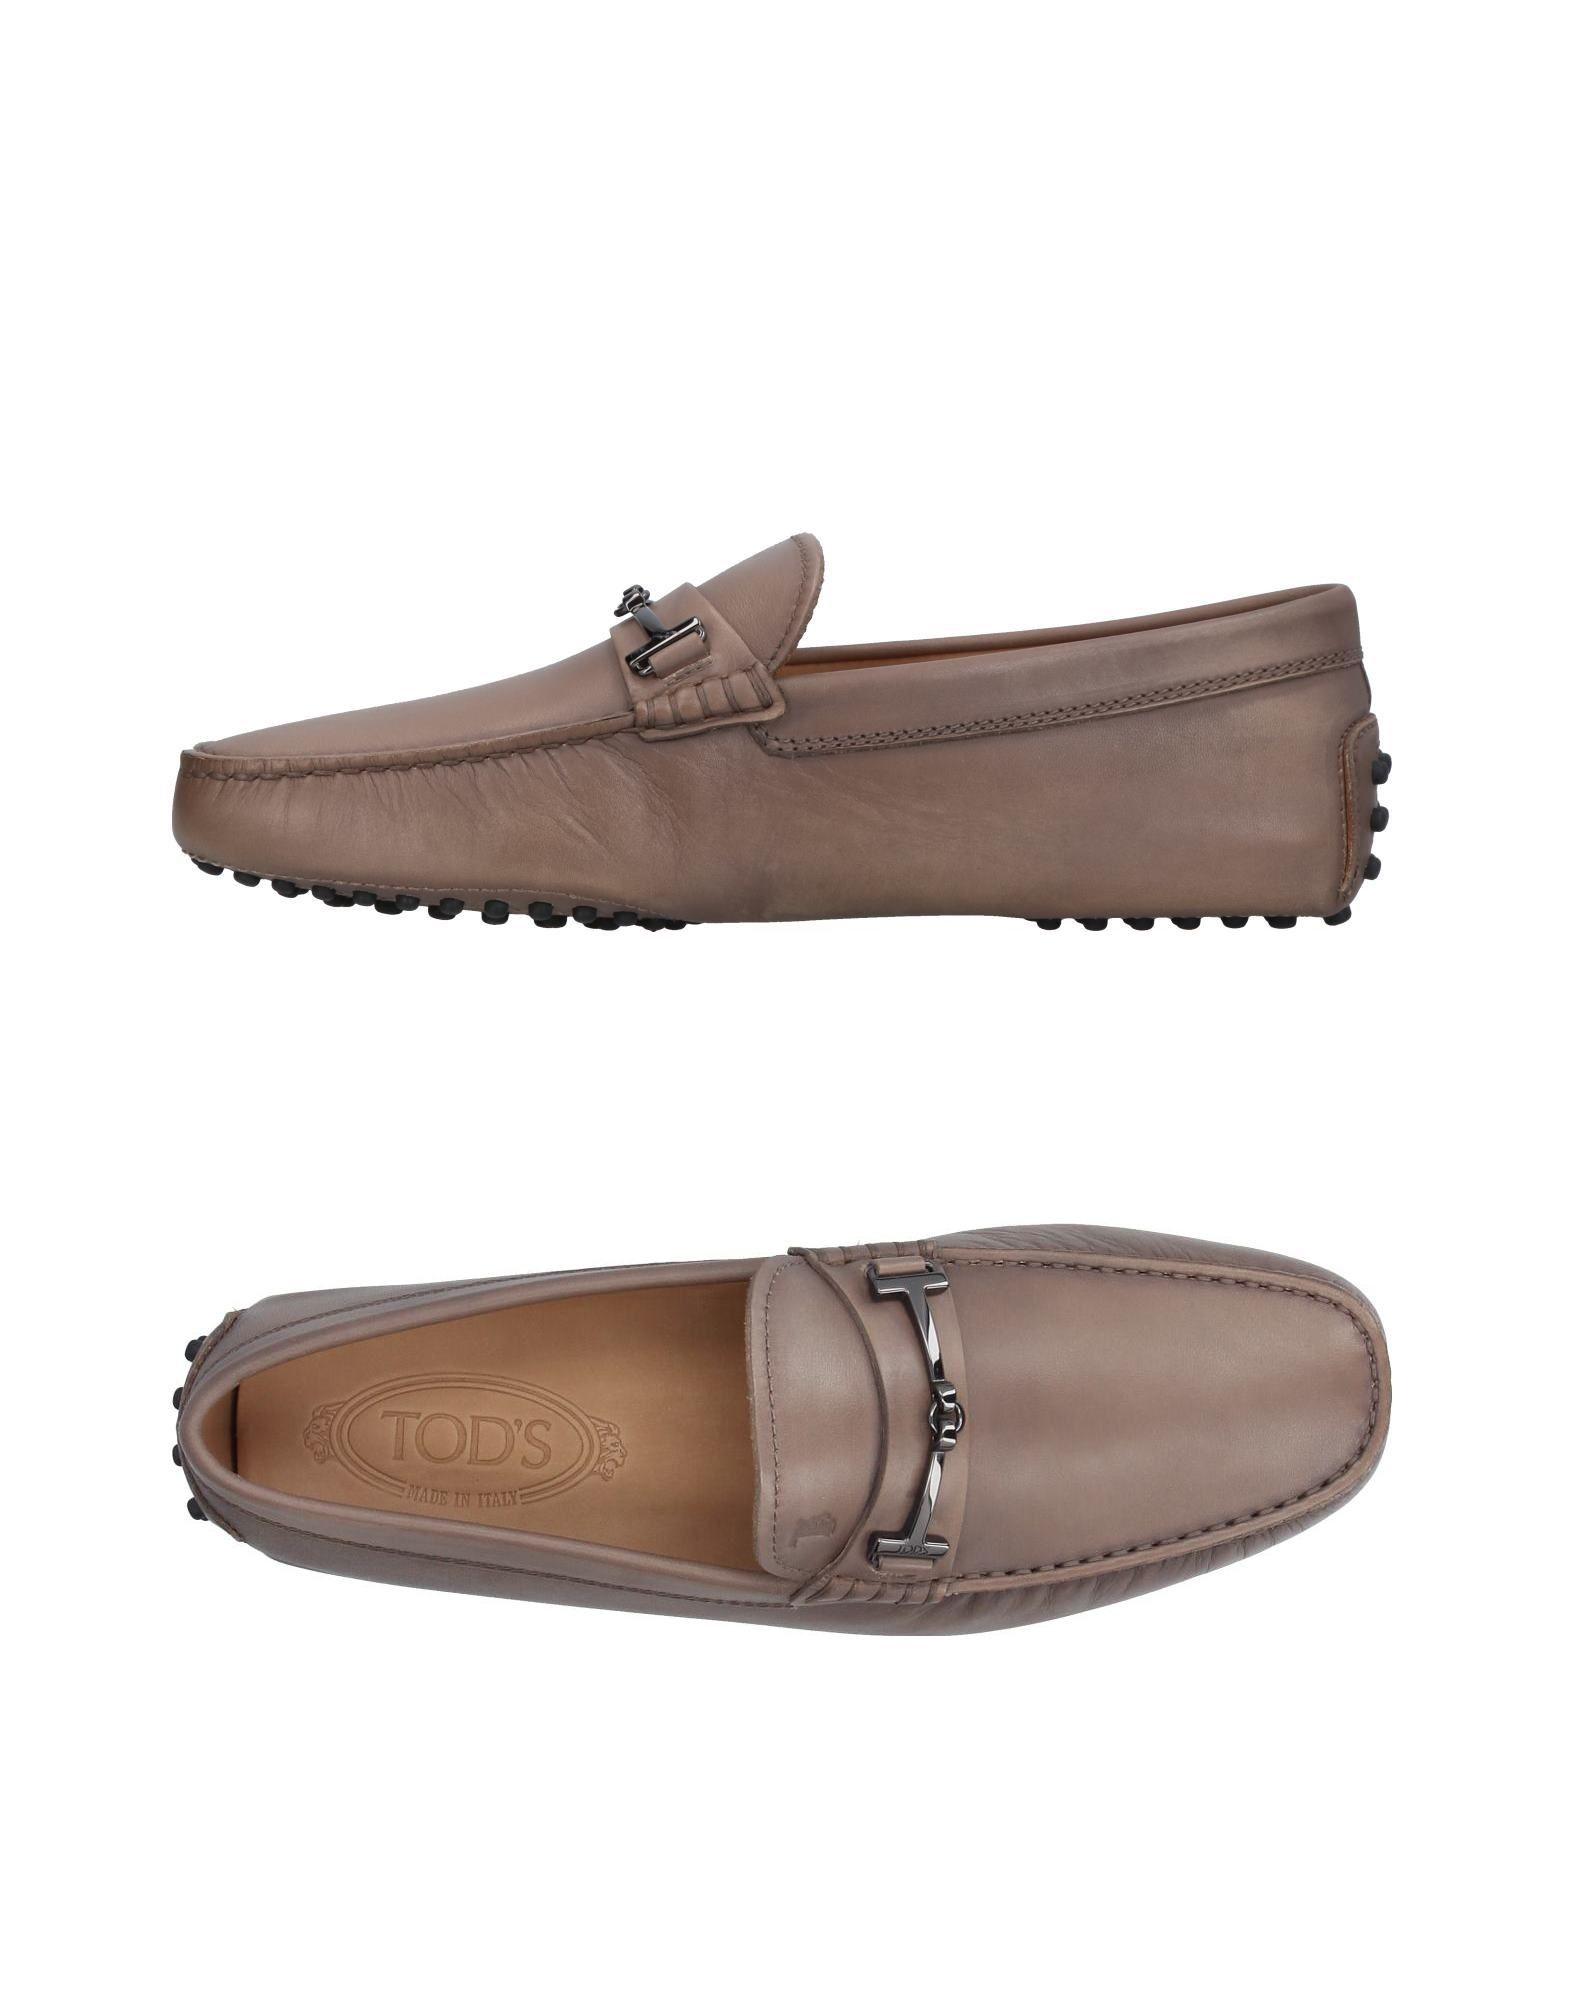 Tod's Mokassins Herren  11397877OC Gute Qualität beliebte Schuhe